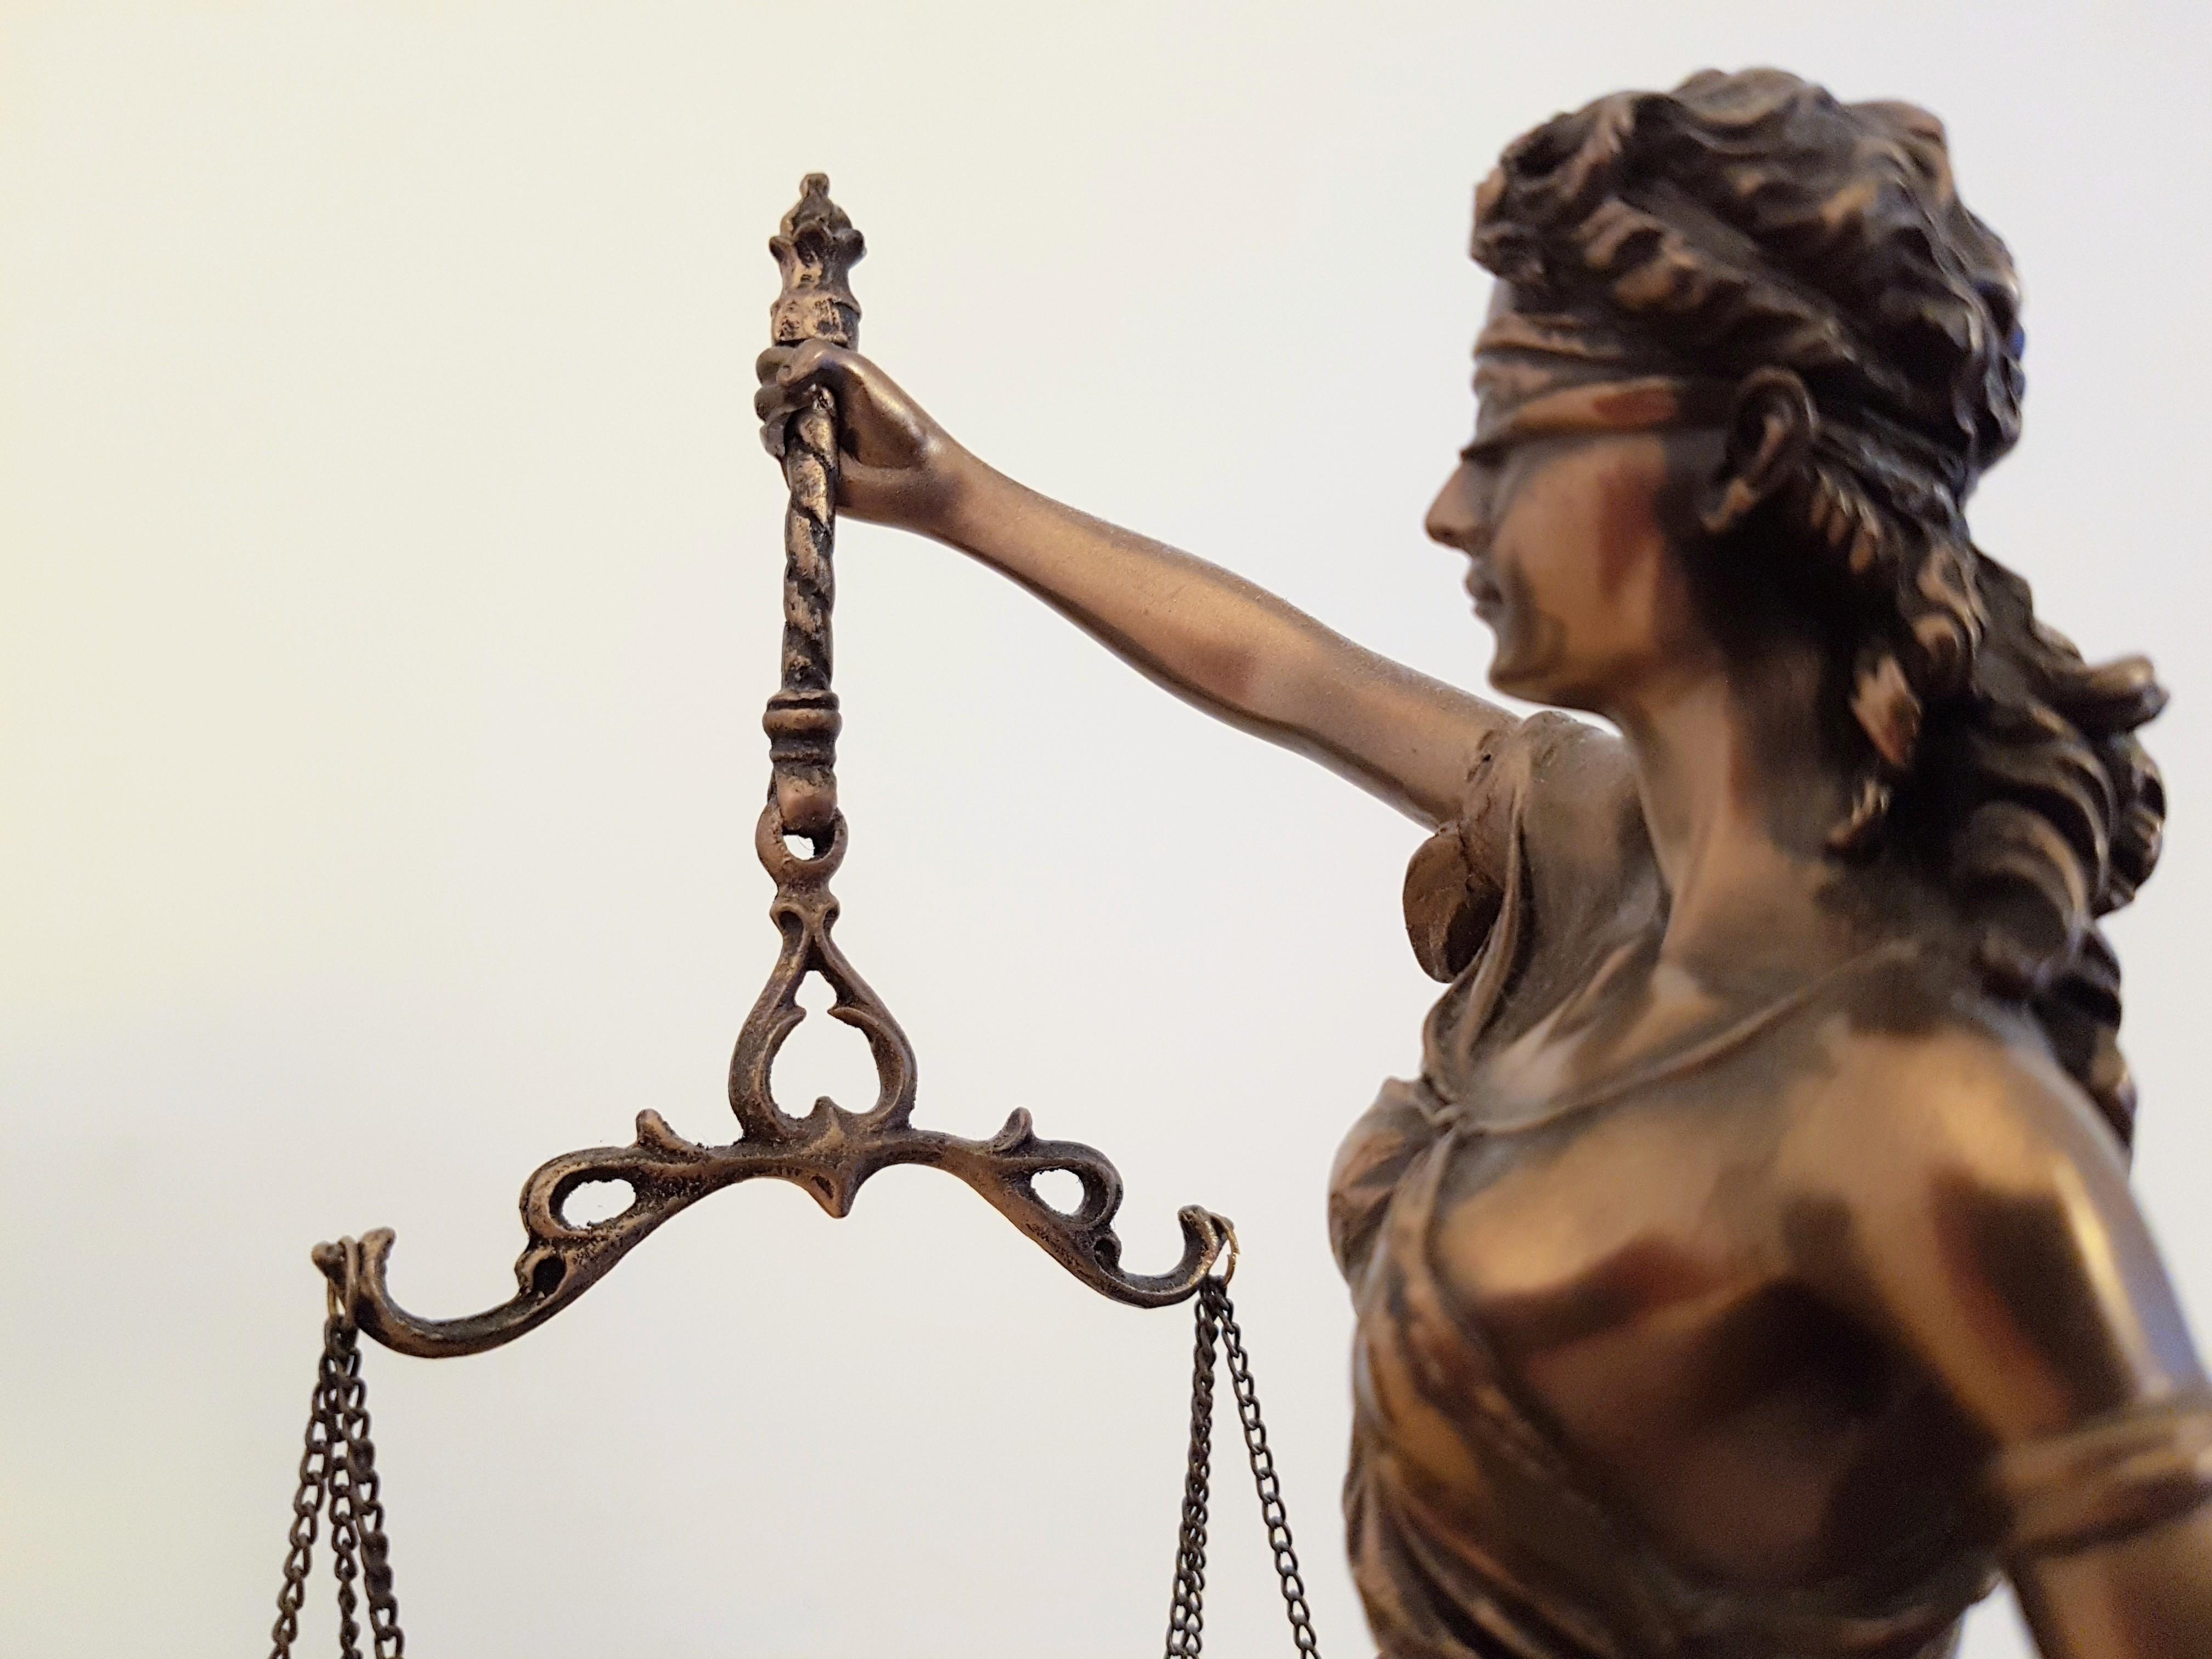 Das Foto zeigt eine Justitia, die in der rechten Hand eine Waage hält, die nur zum Teil zu sehen ist.